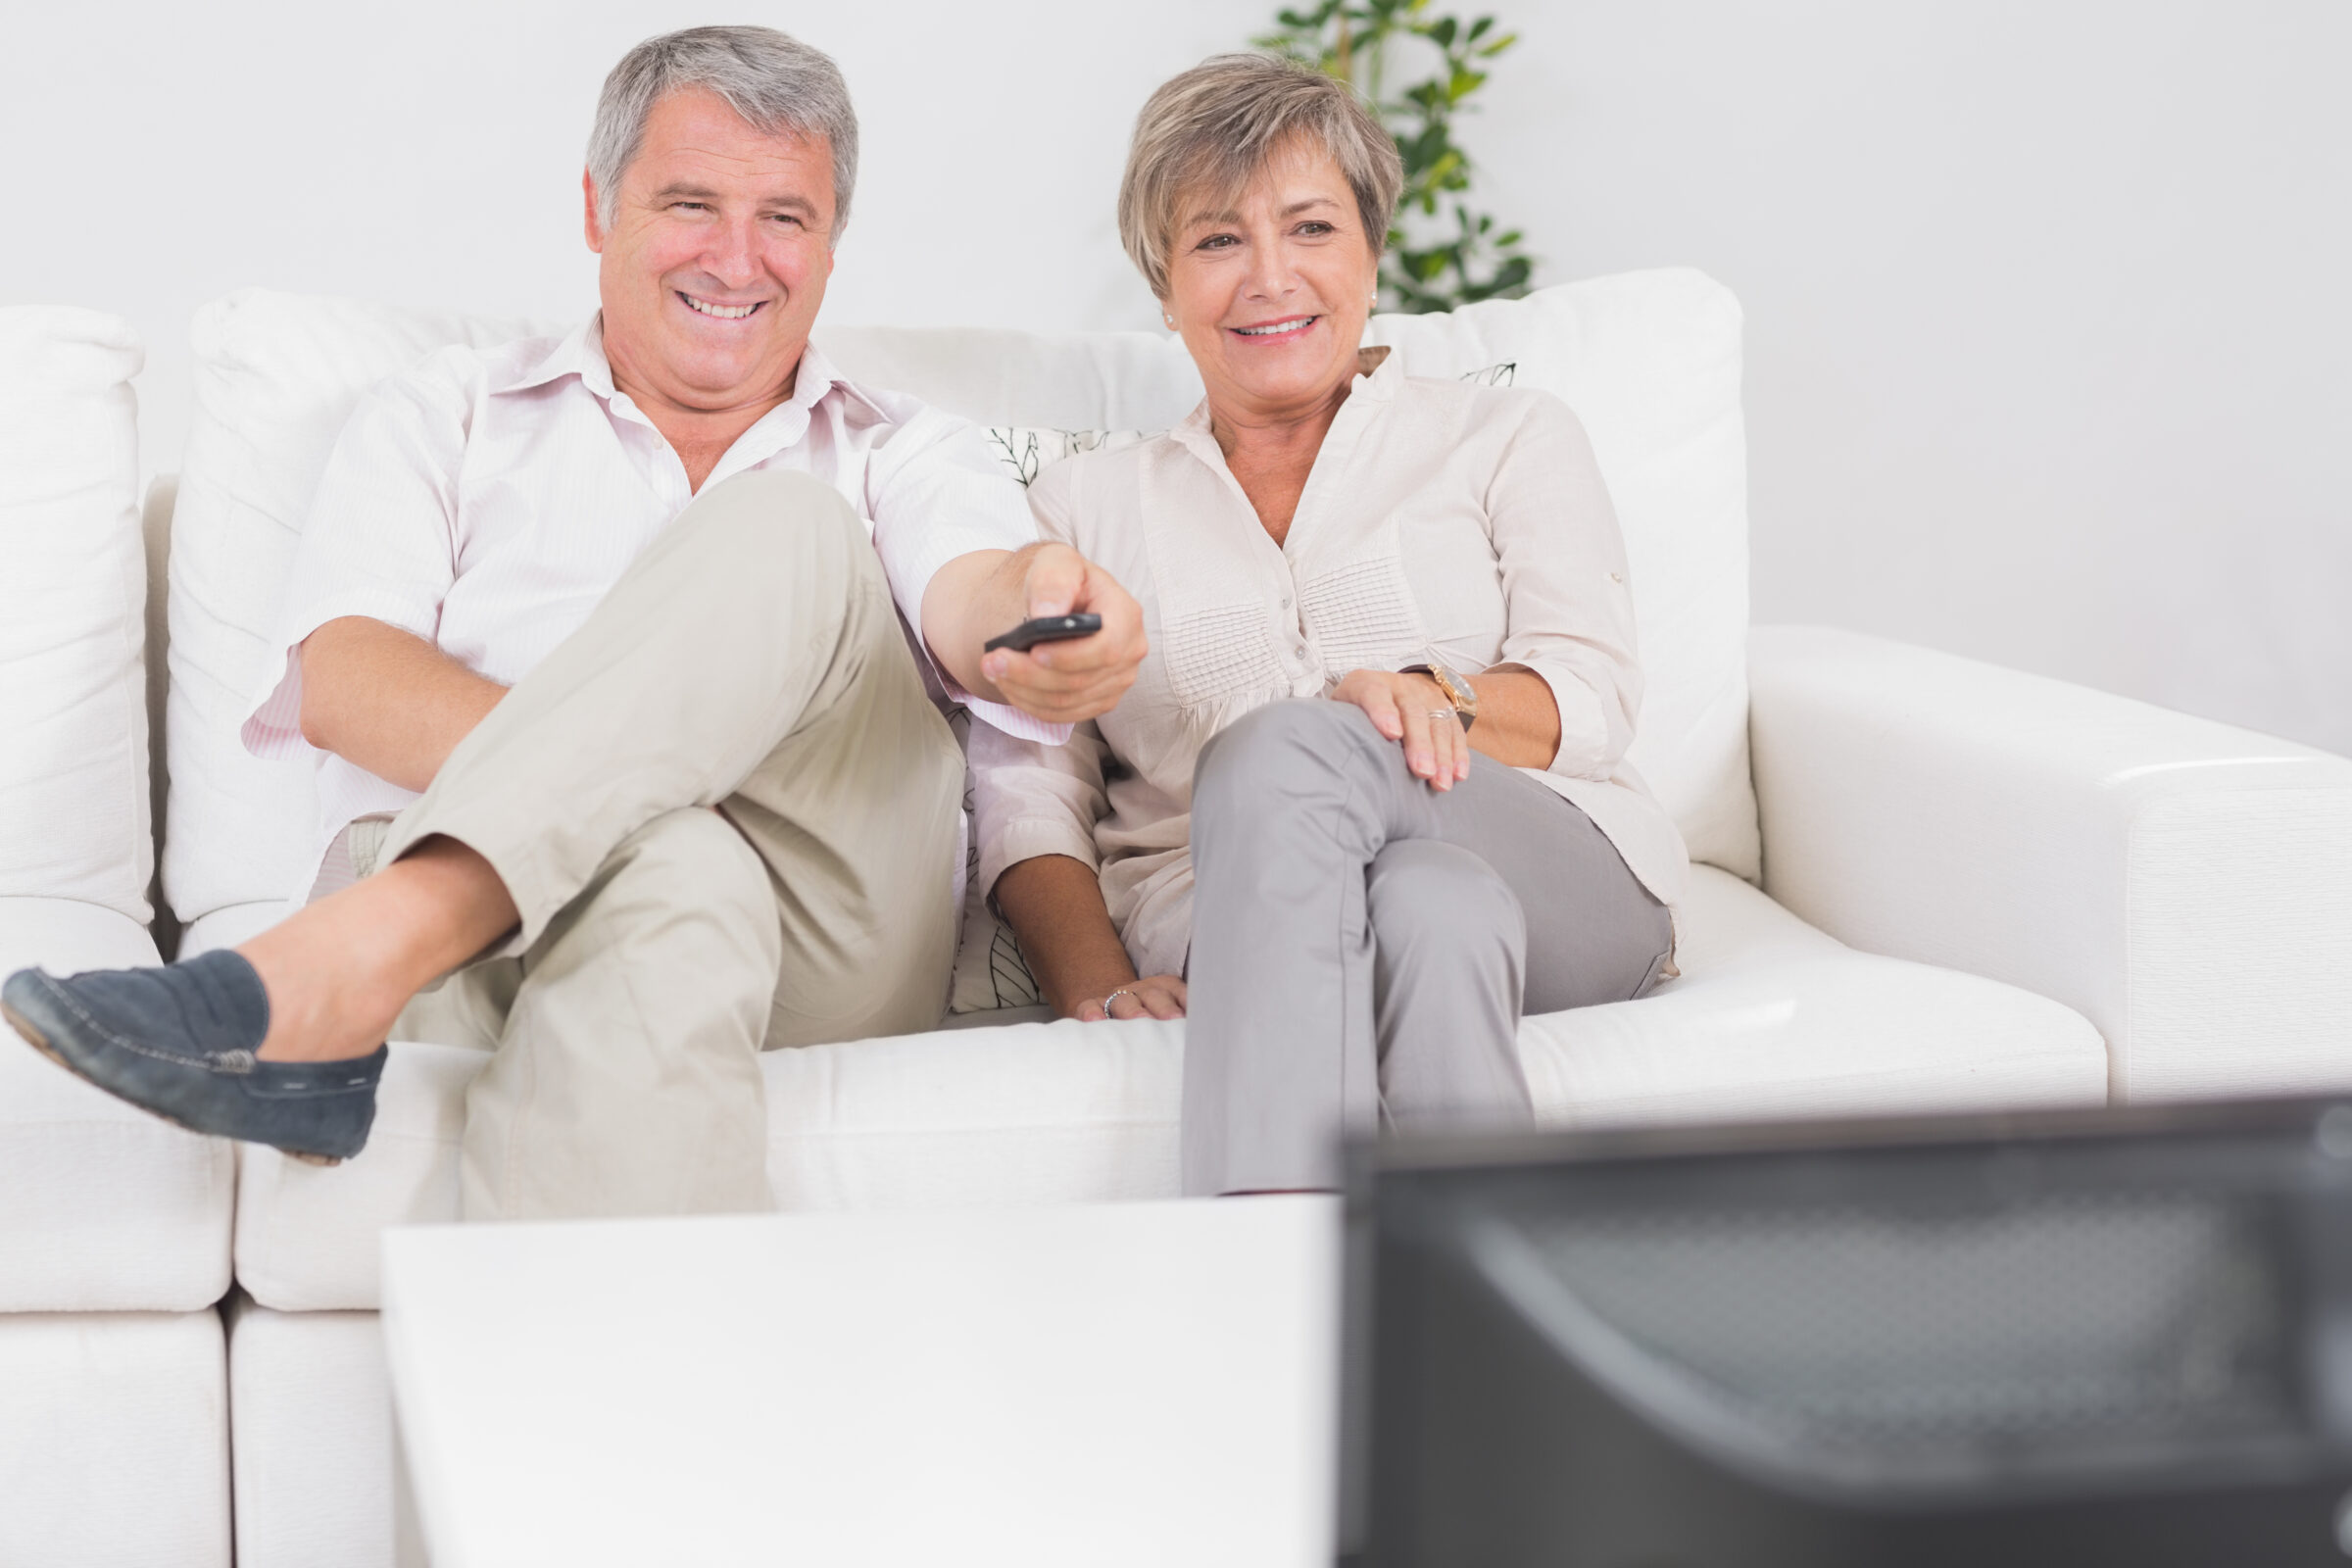 Casal de idosos assistindo TV em sofa brancoe controle na mão Desperta Débora